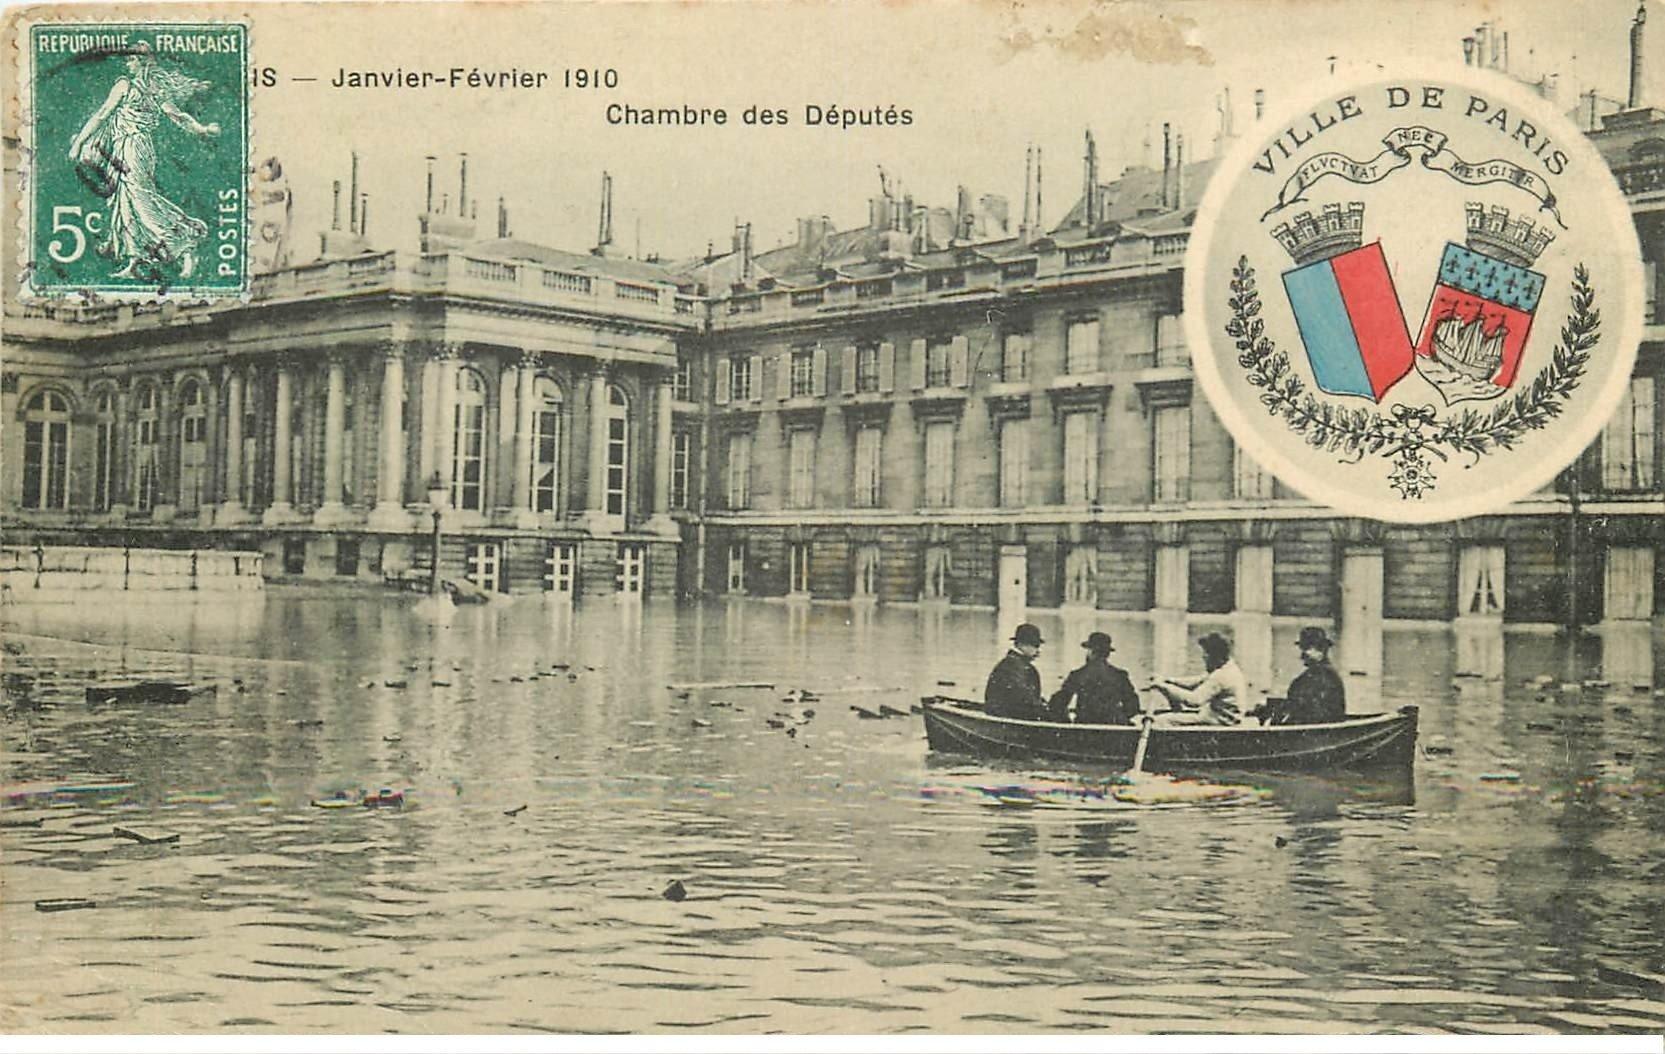 Inondation et Crue de PARIS 1910. Chambre des Députés. Edition B.G